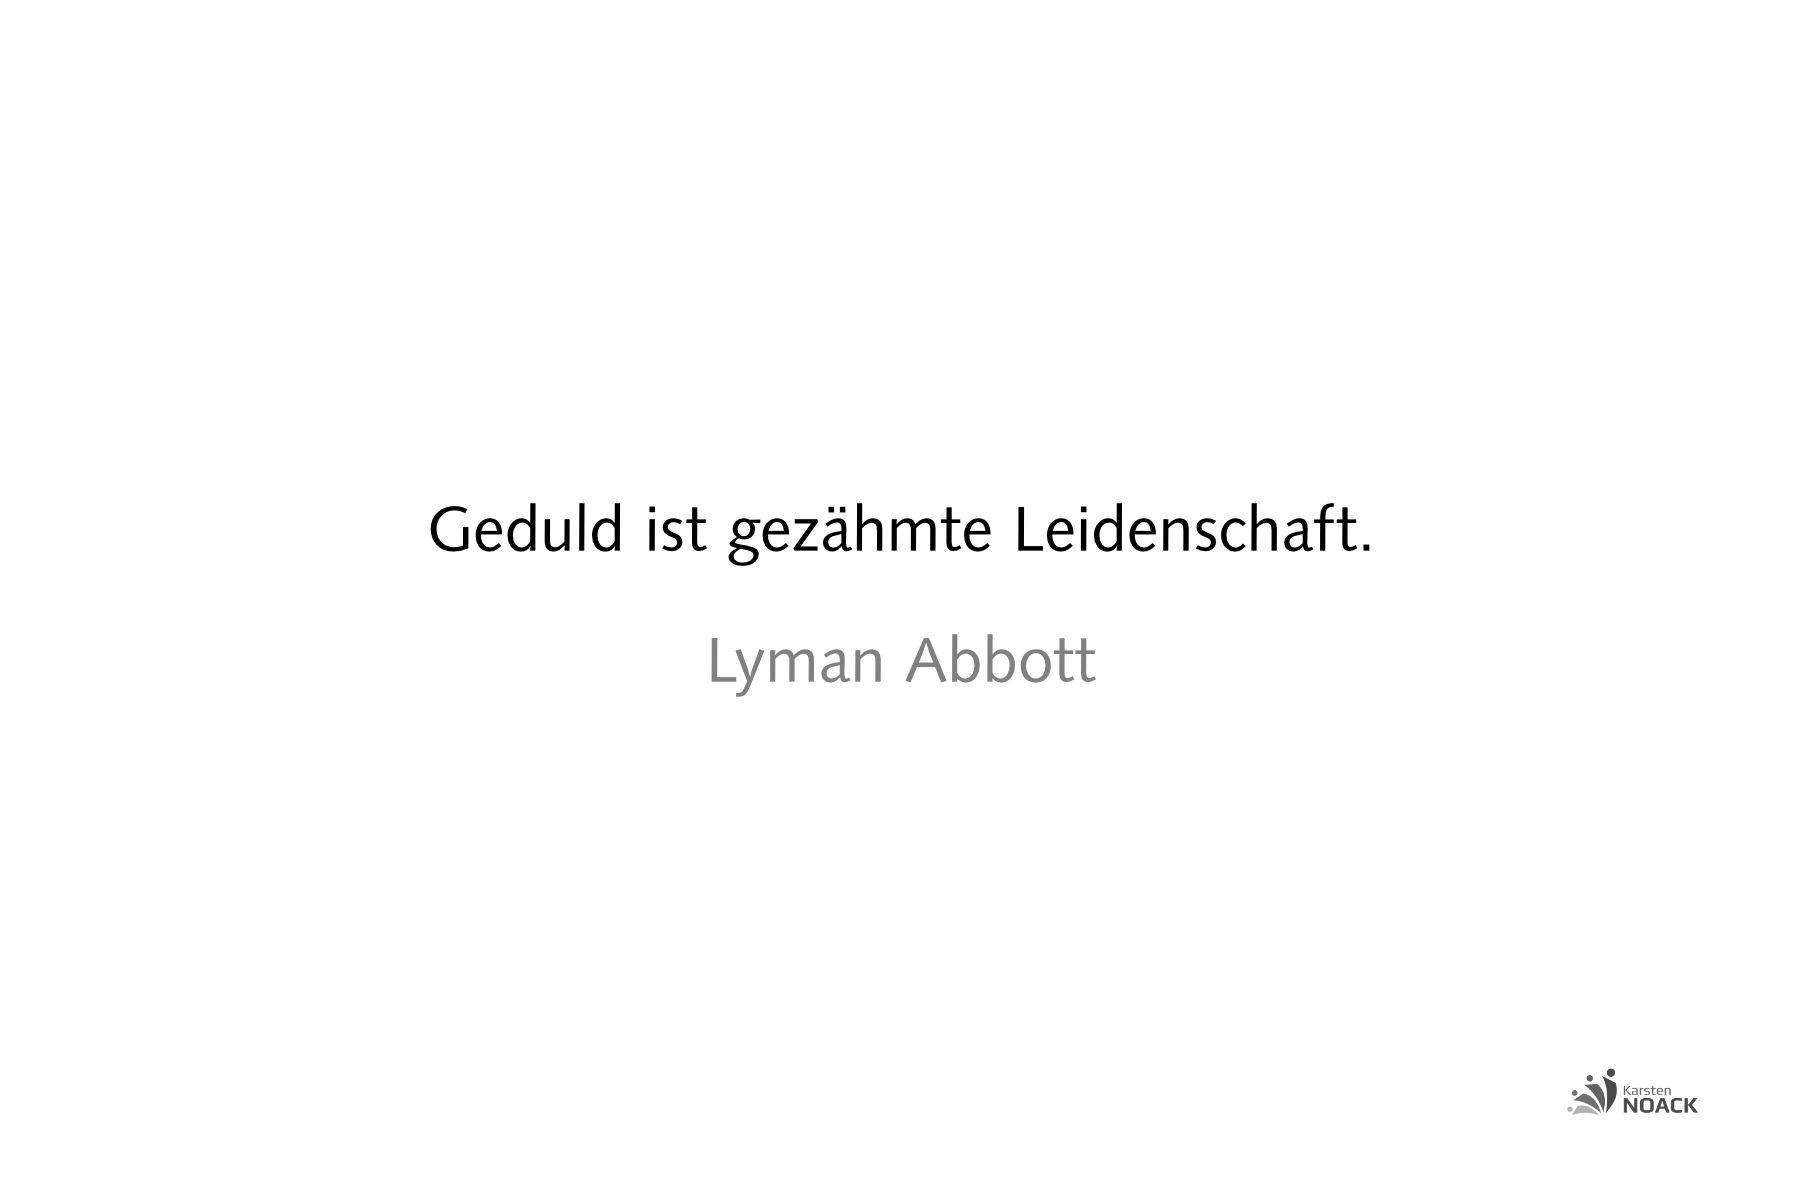 Geduld ist gezähmte Leidenschaft. Lyman Abbott